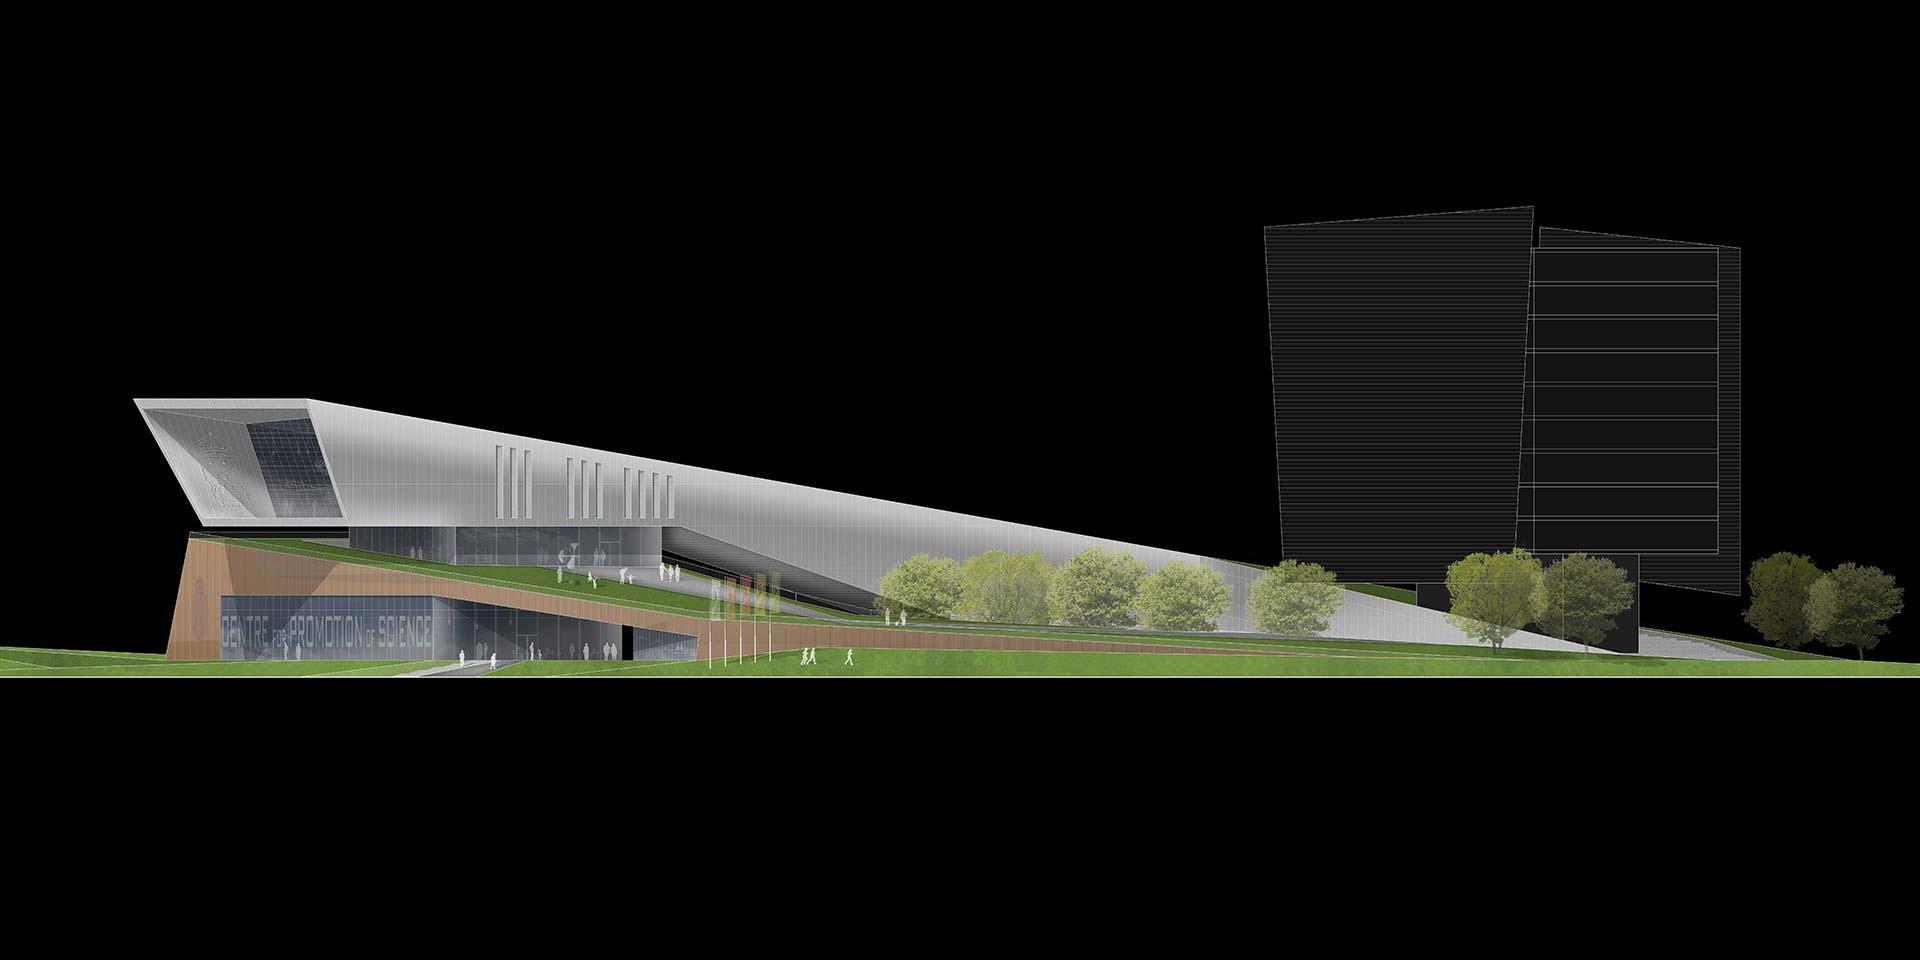 archinow_BEL_-science-centre-belgrado_17